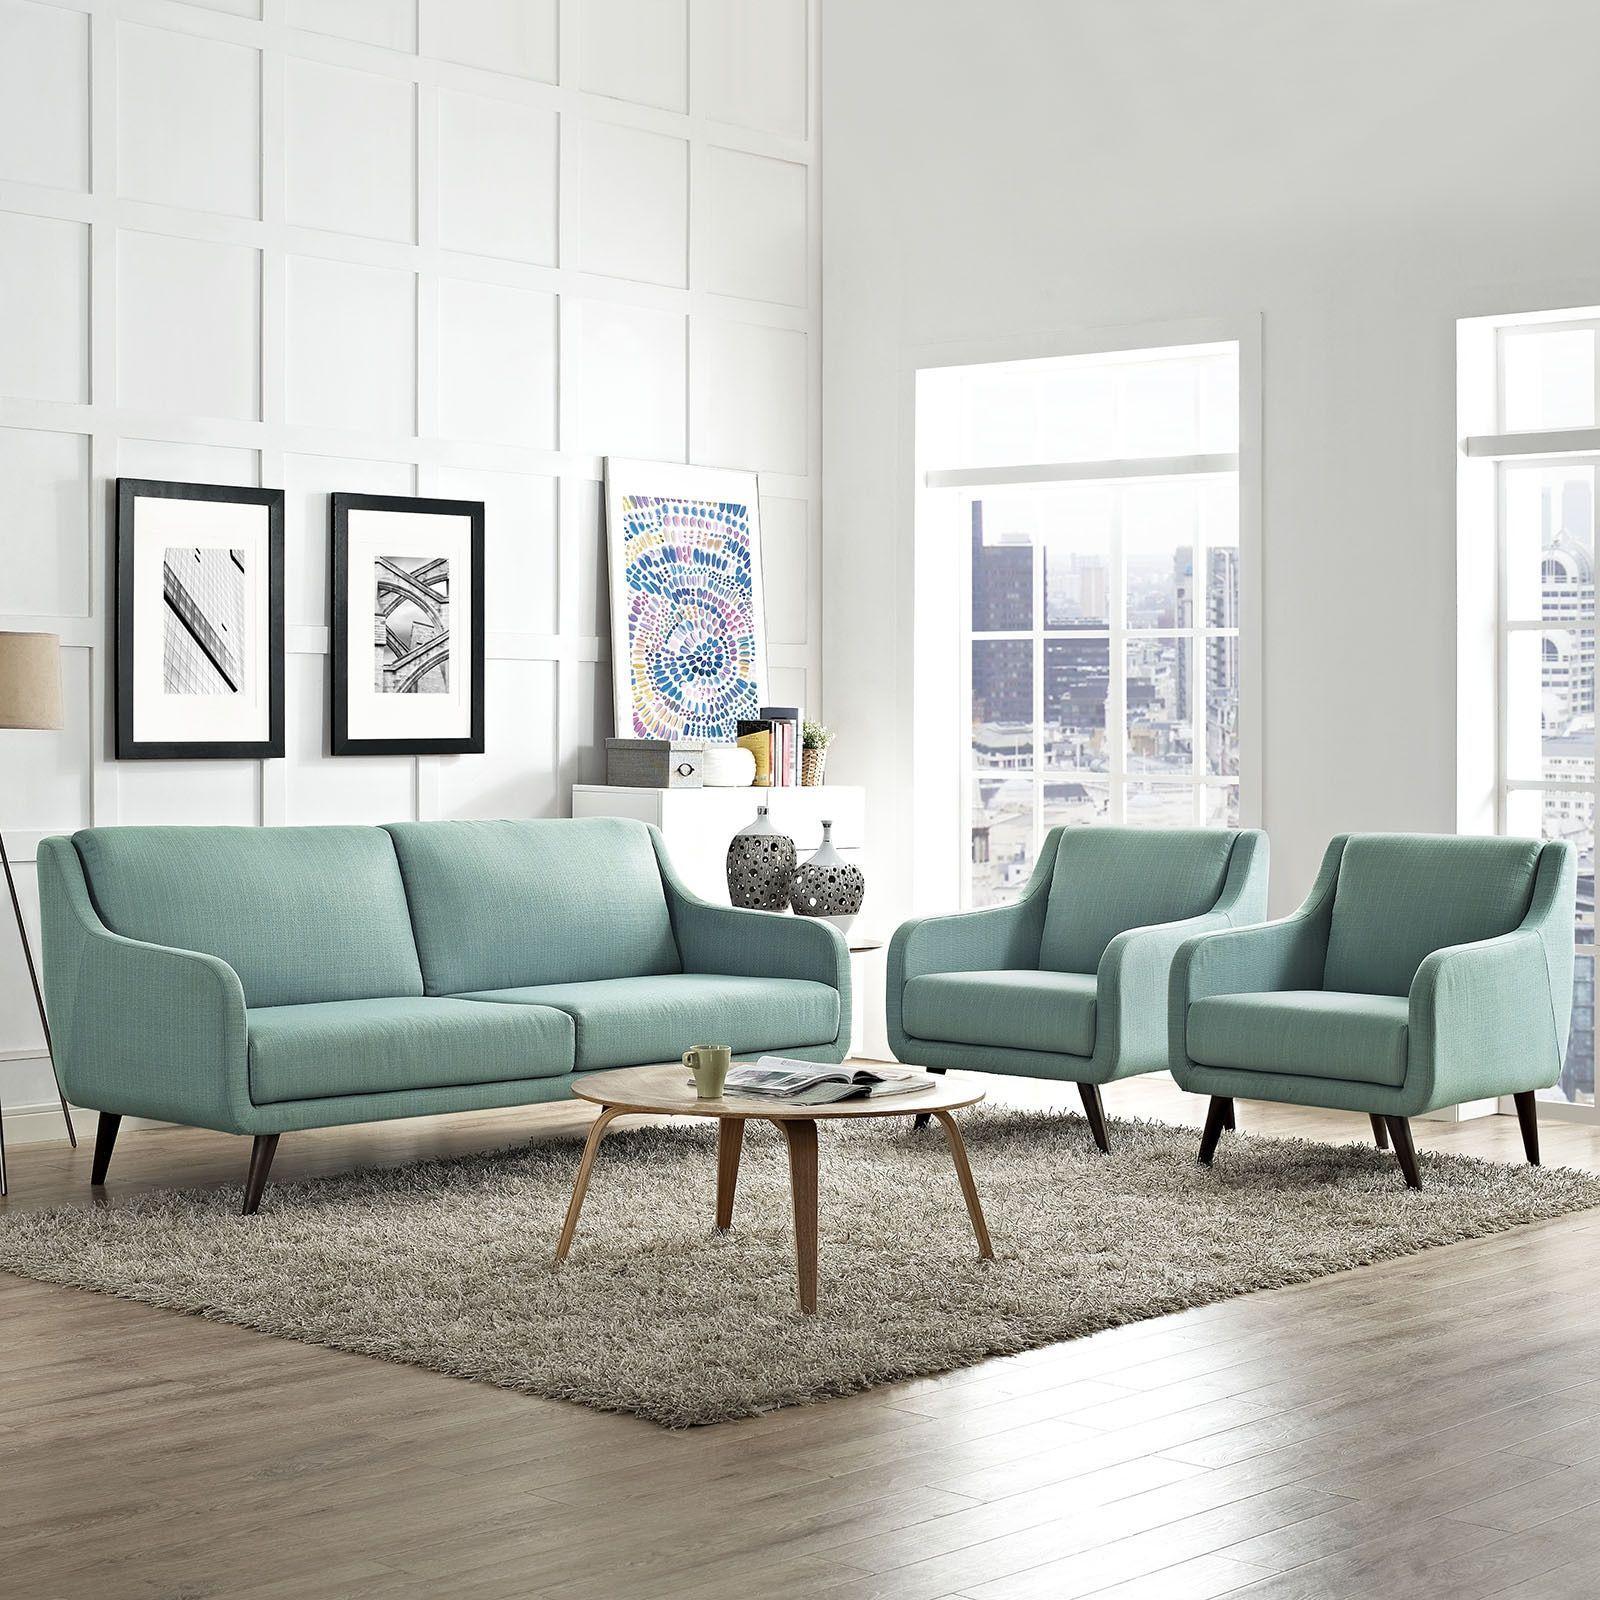 Modway Verve Upholstered Living Room Set | living room ideas ...